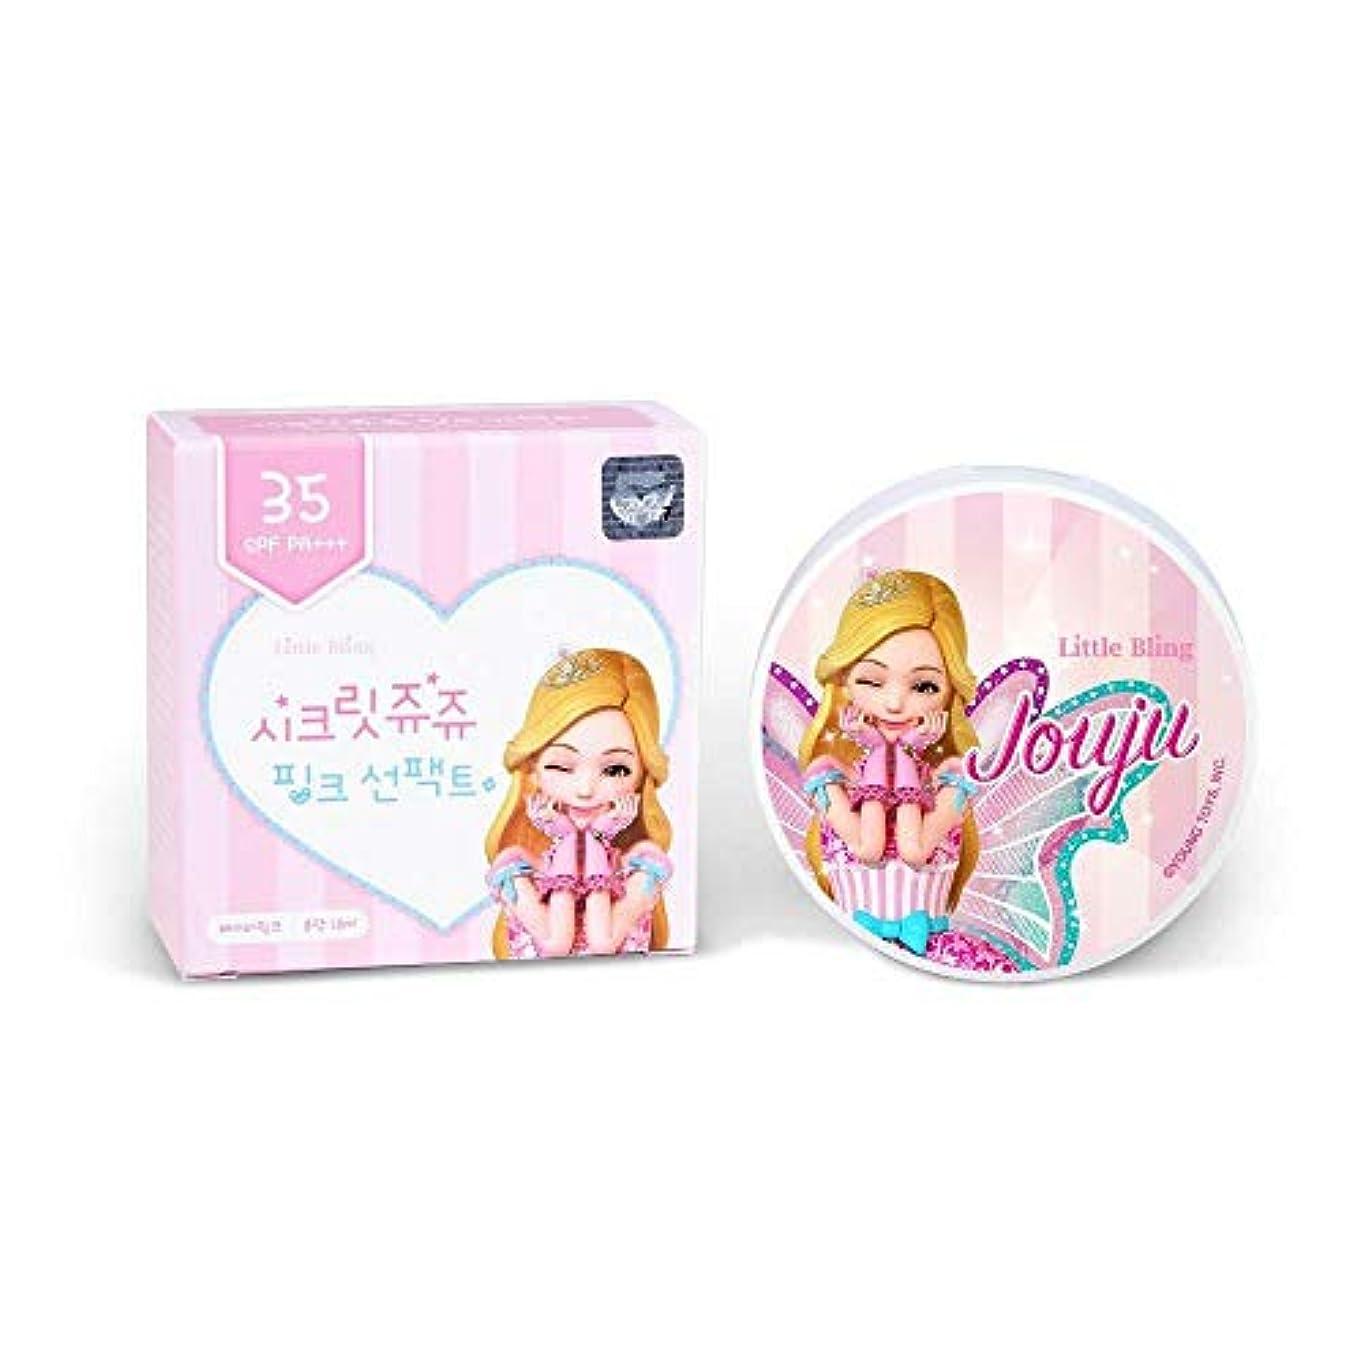 アイスクリームエゴイズムルームLittle Bling Secret Jouju Pink Sun Pact ピンク サンパクト SPF35 PA+++ 韓国日焼け止め